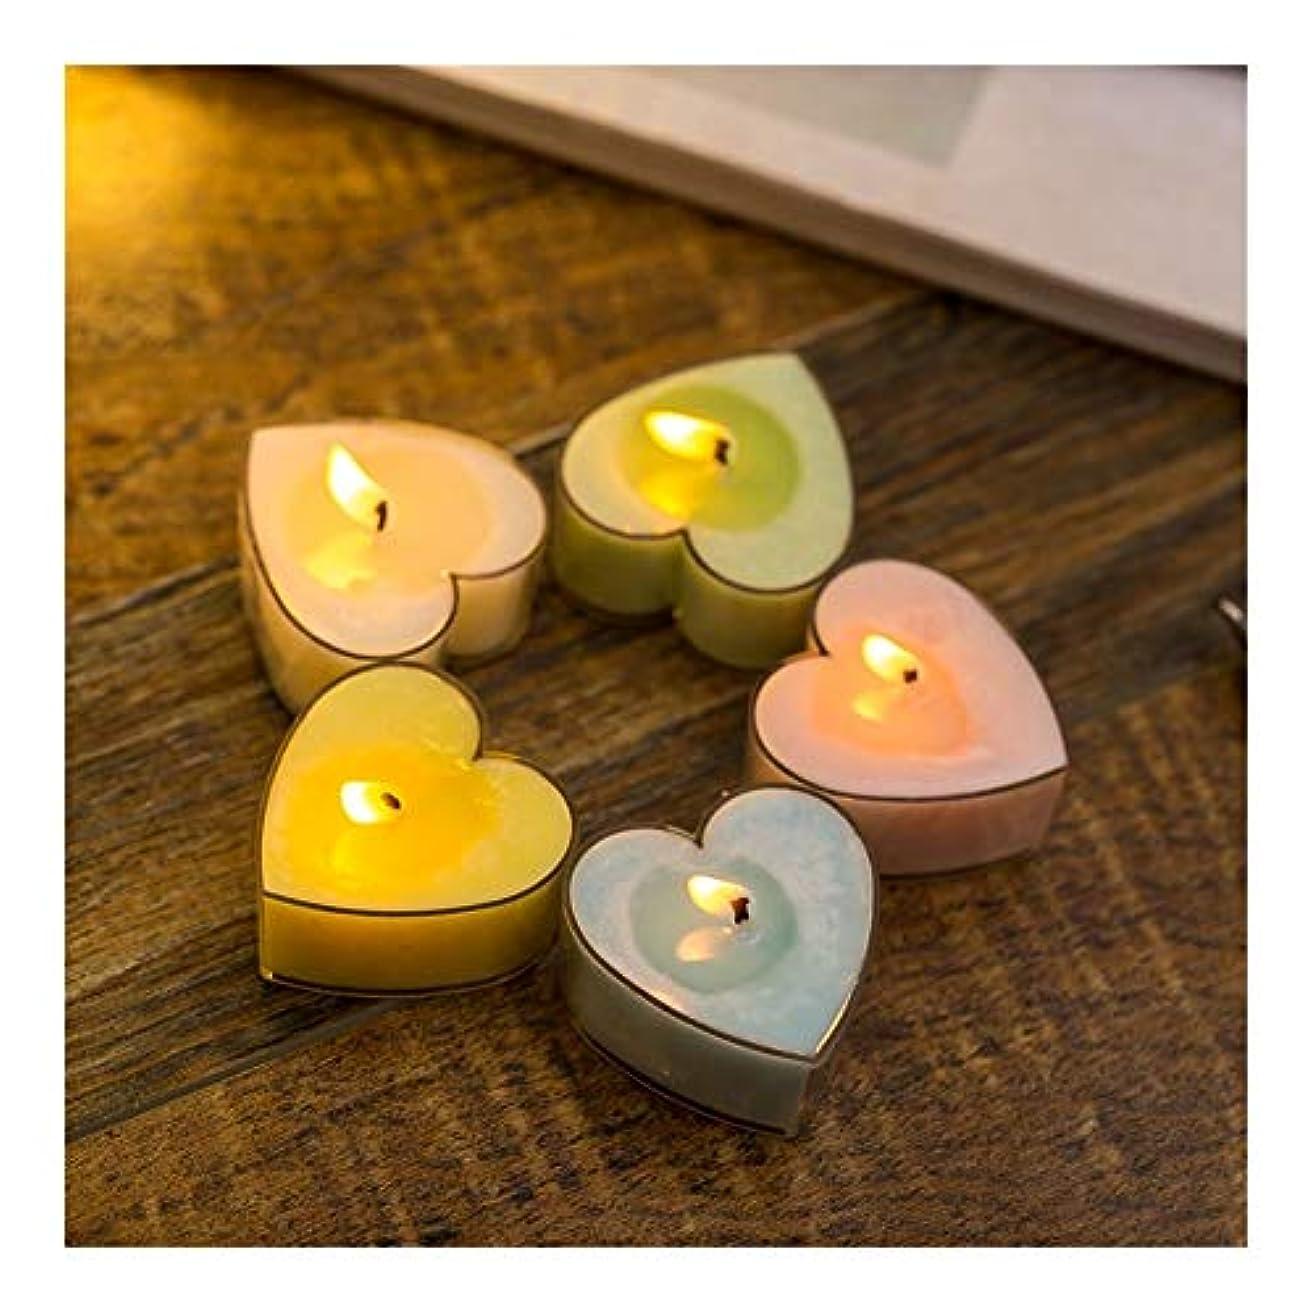 個人慈善ケーブルカーGuomao 家の多彩なモモの中心の香料入りの蝋燭のカップルの悪いギフトの小さい蝋燭 (色 : Marriage)